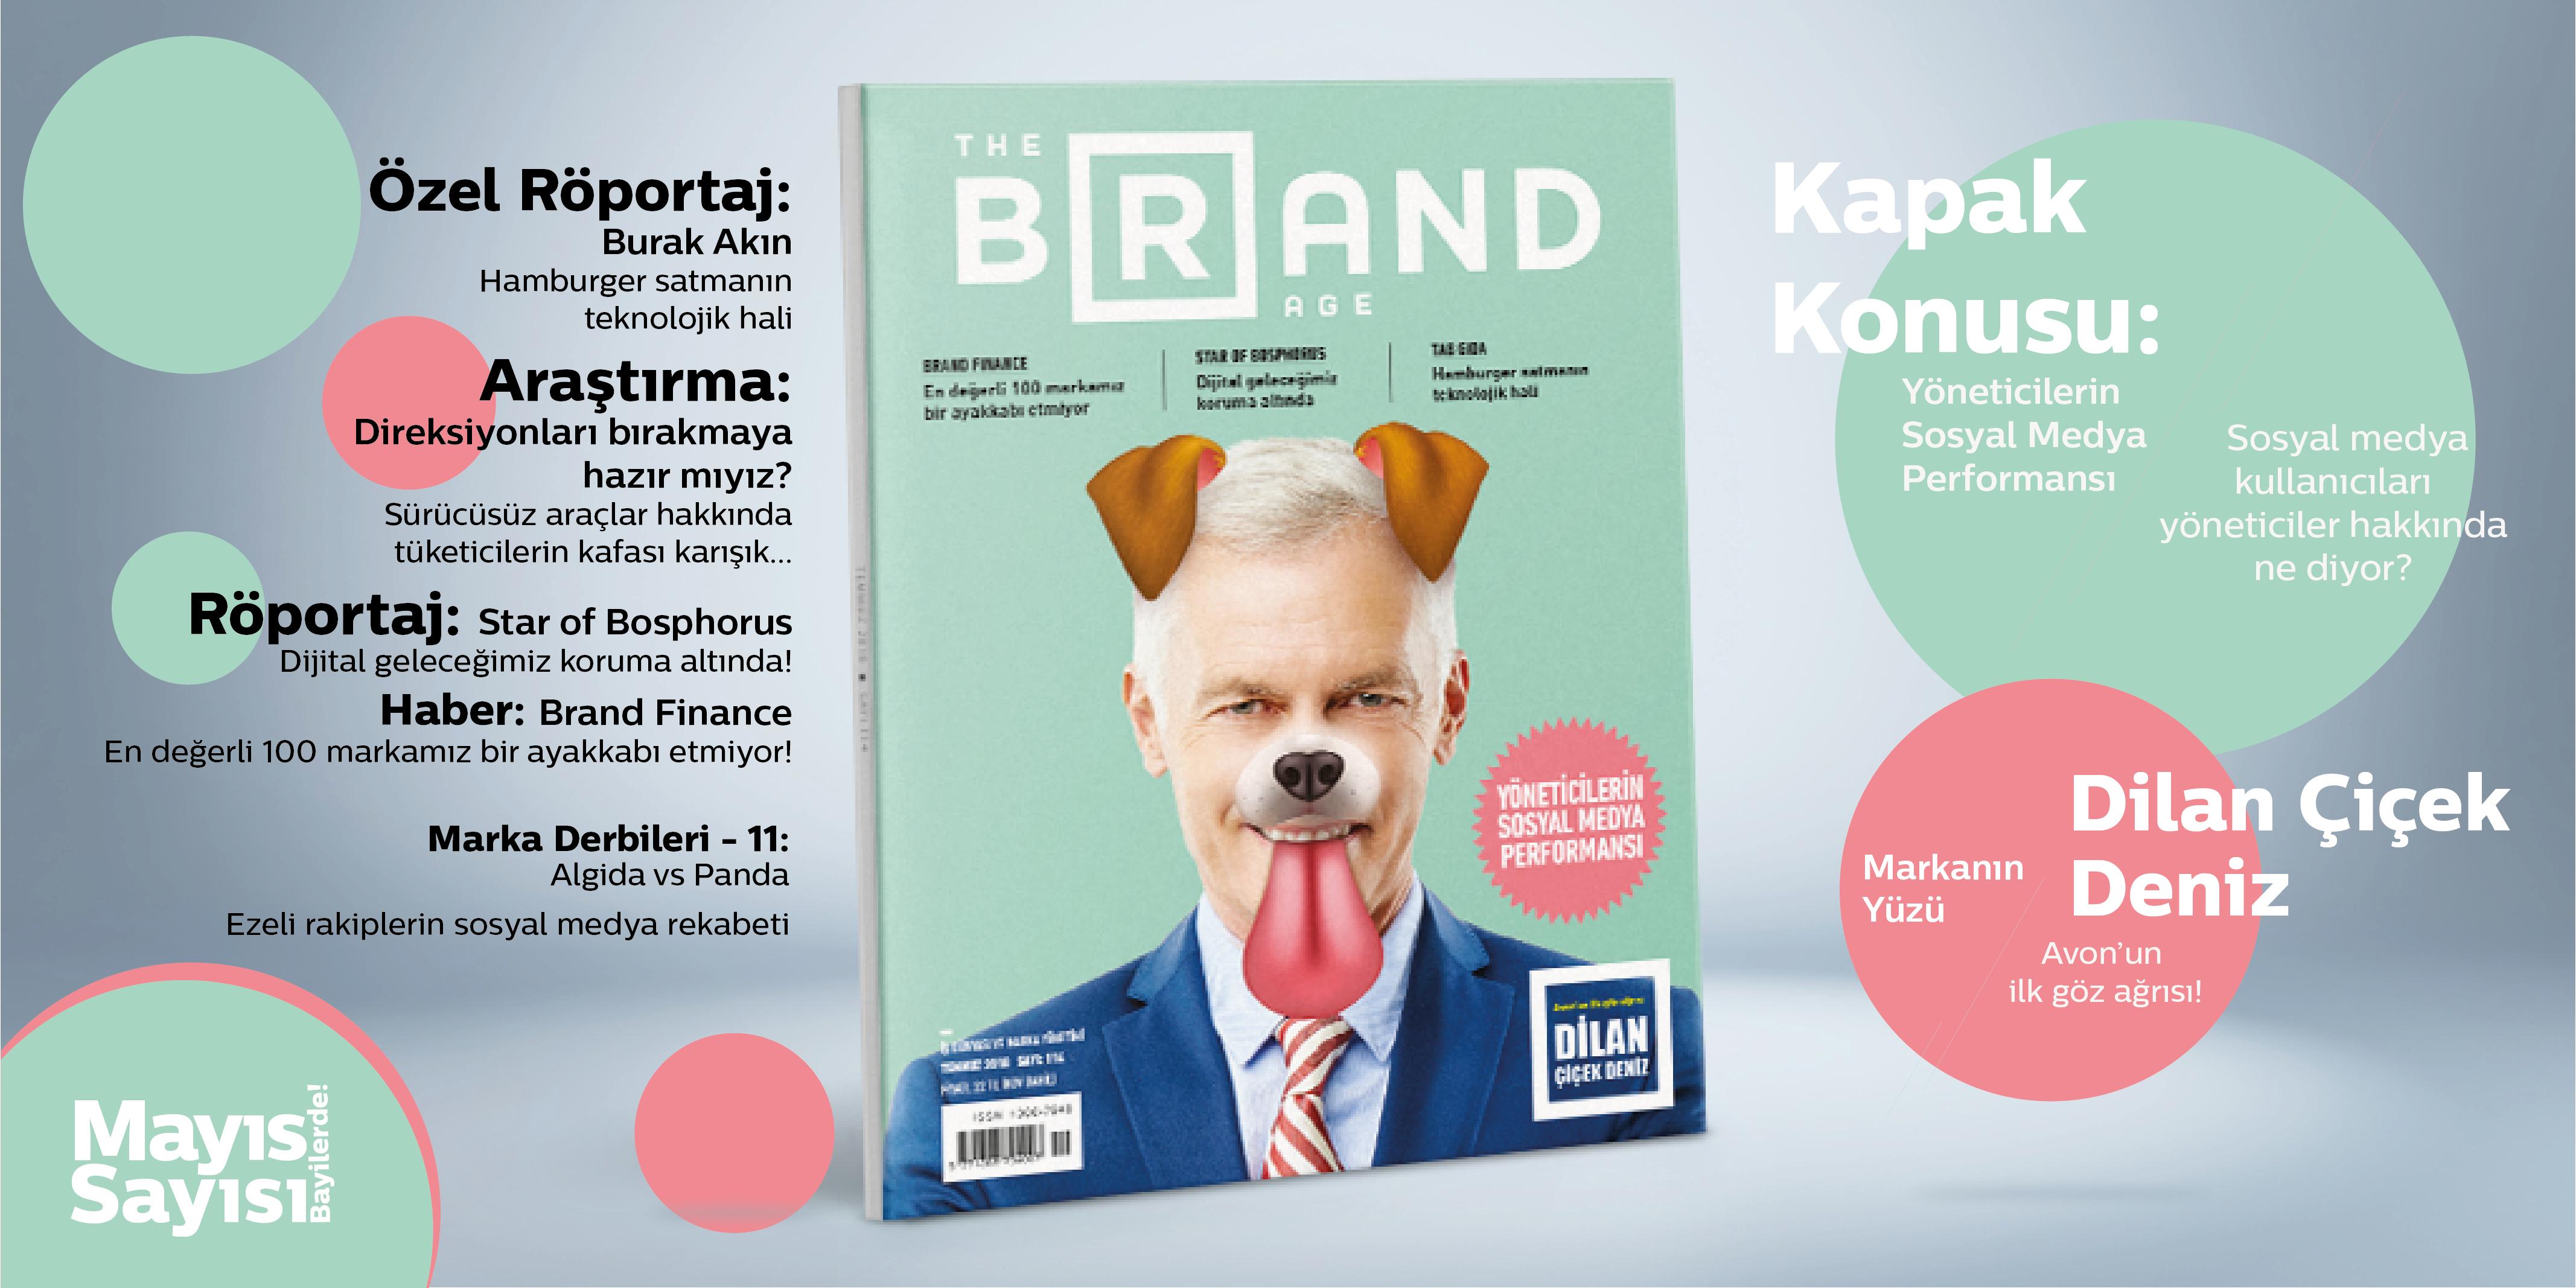 The Brand Age'in Haziran sayısı yayında! Turkcell Dergilik ve Türk Telekom e-dergi'den de ücretsiz okuyabilirsiniz.